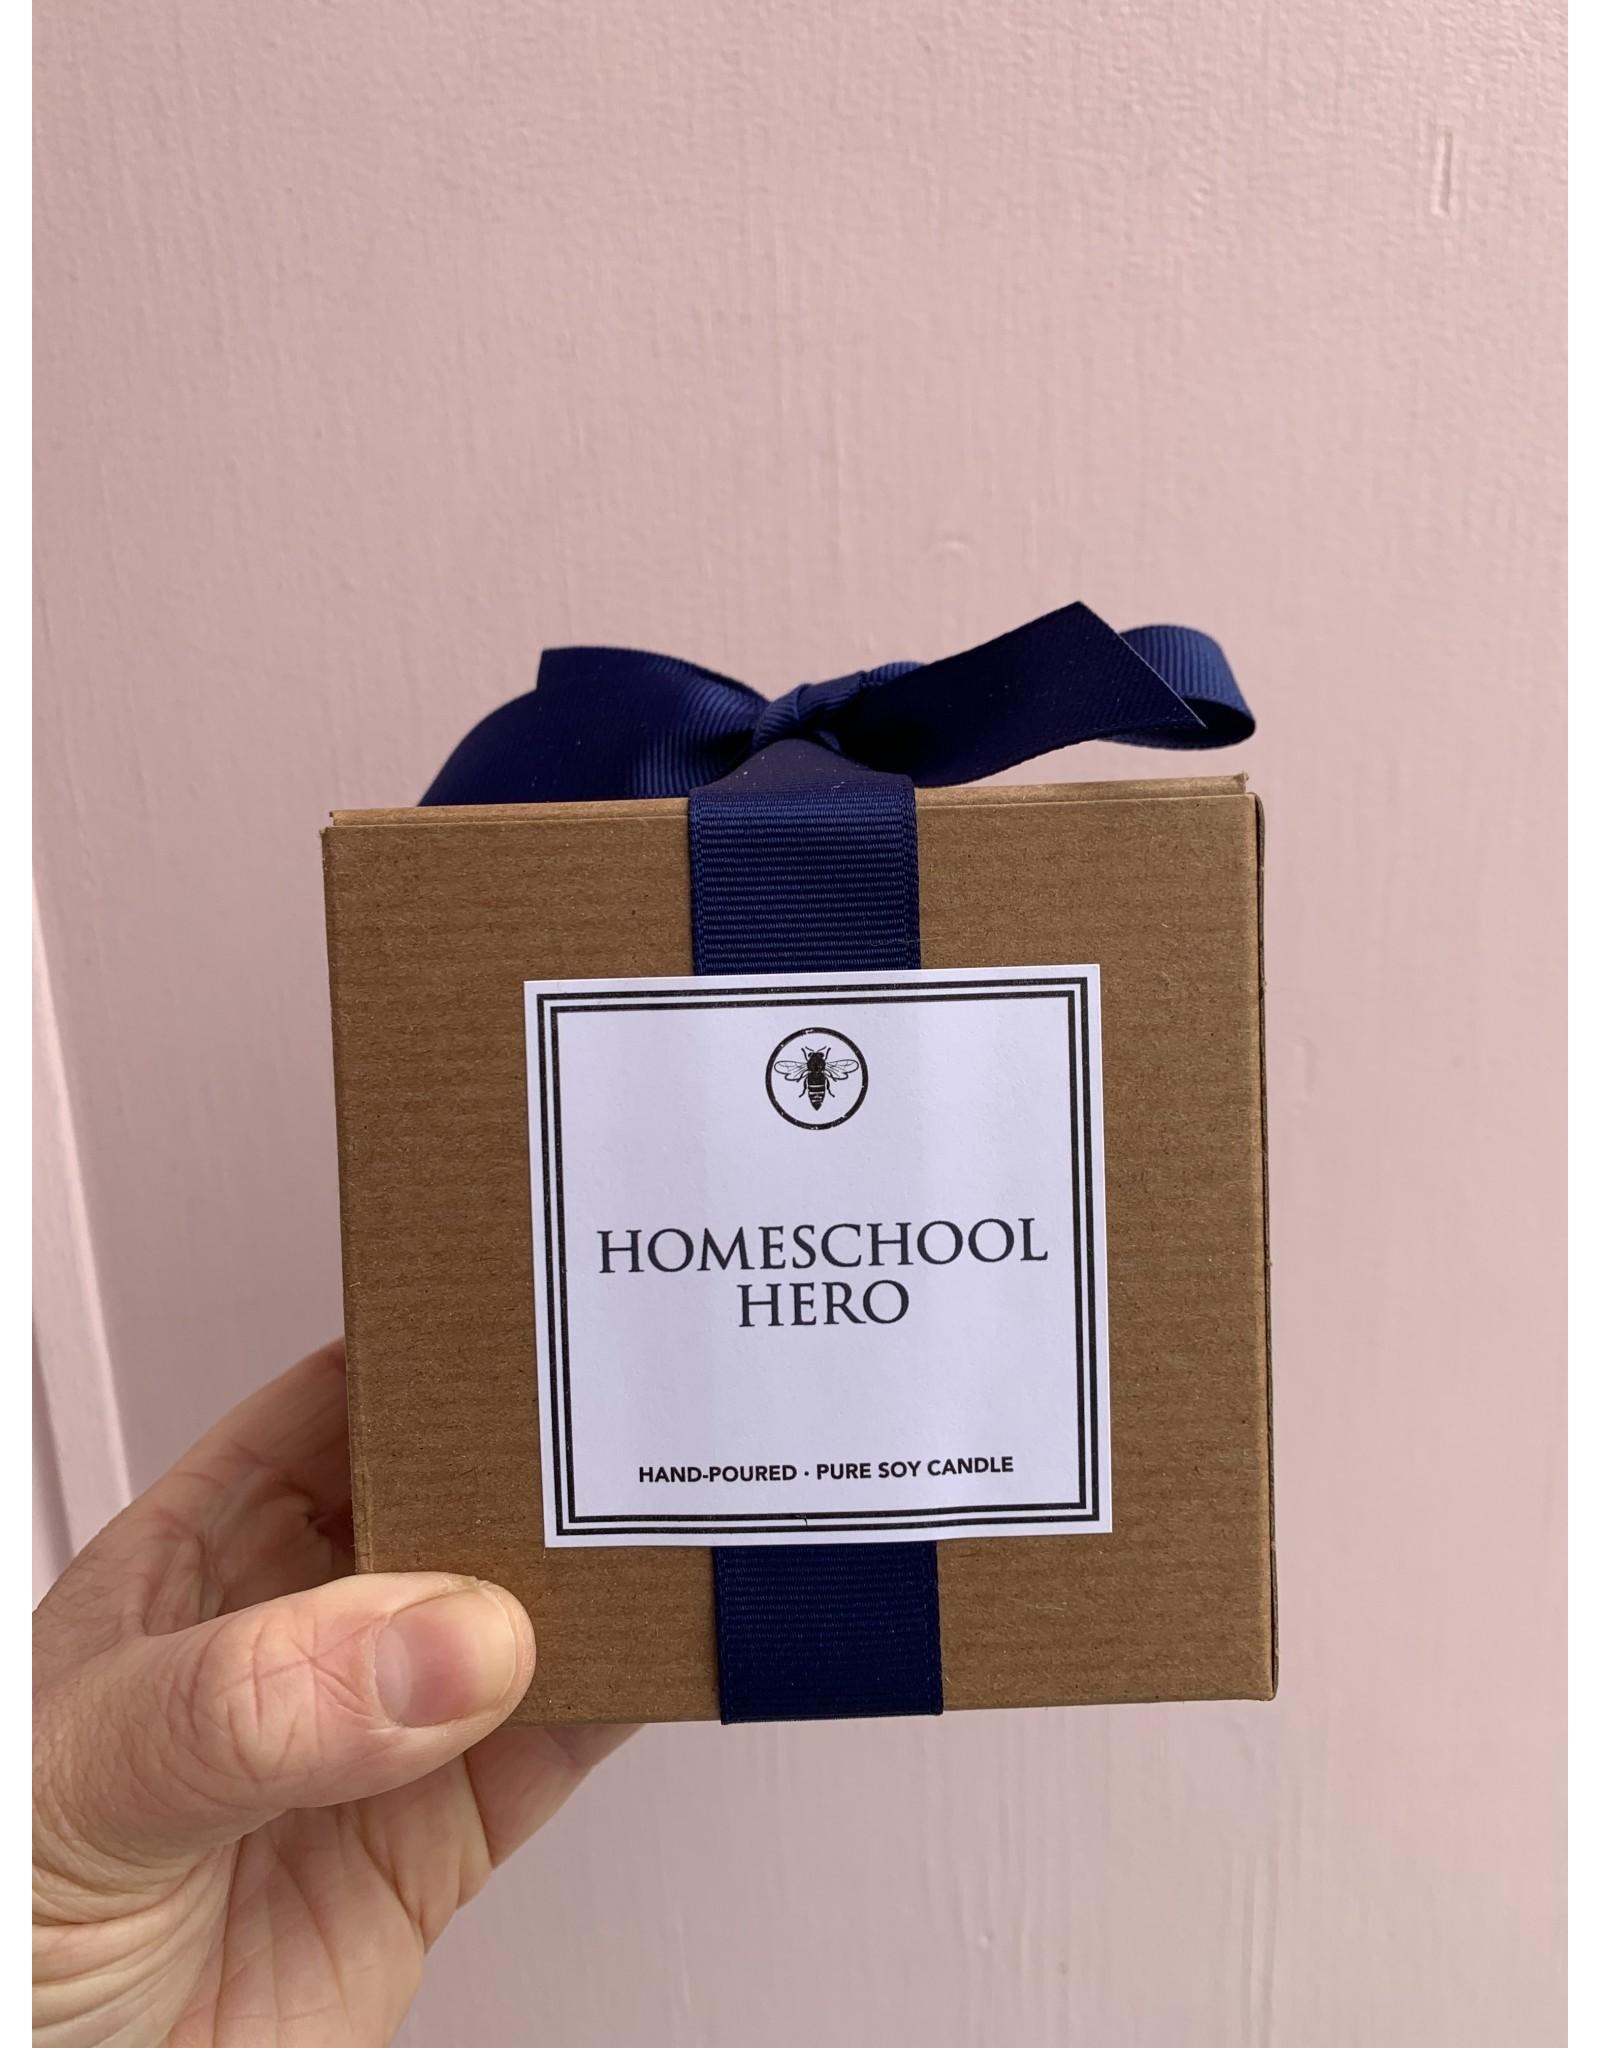 Homeschool Hero Candle